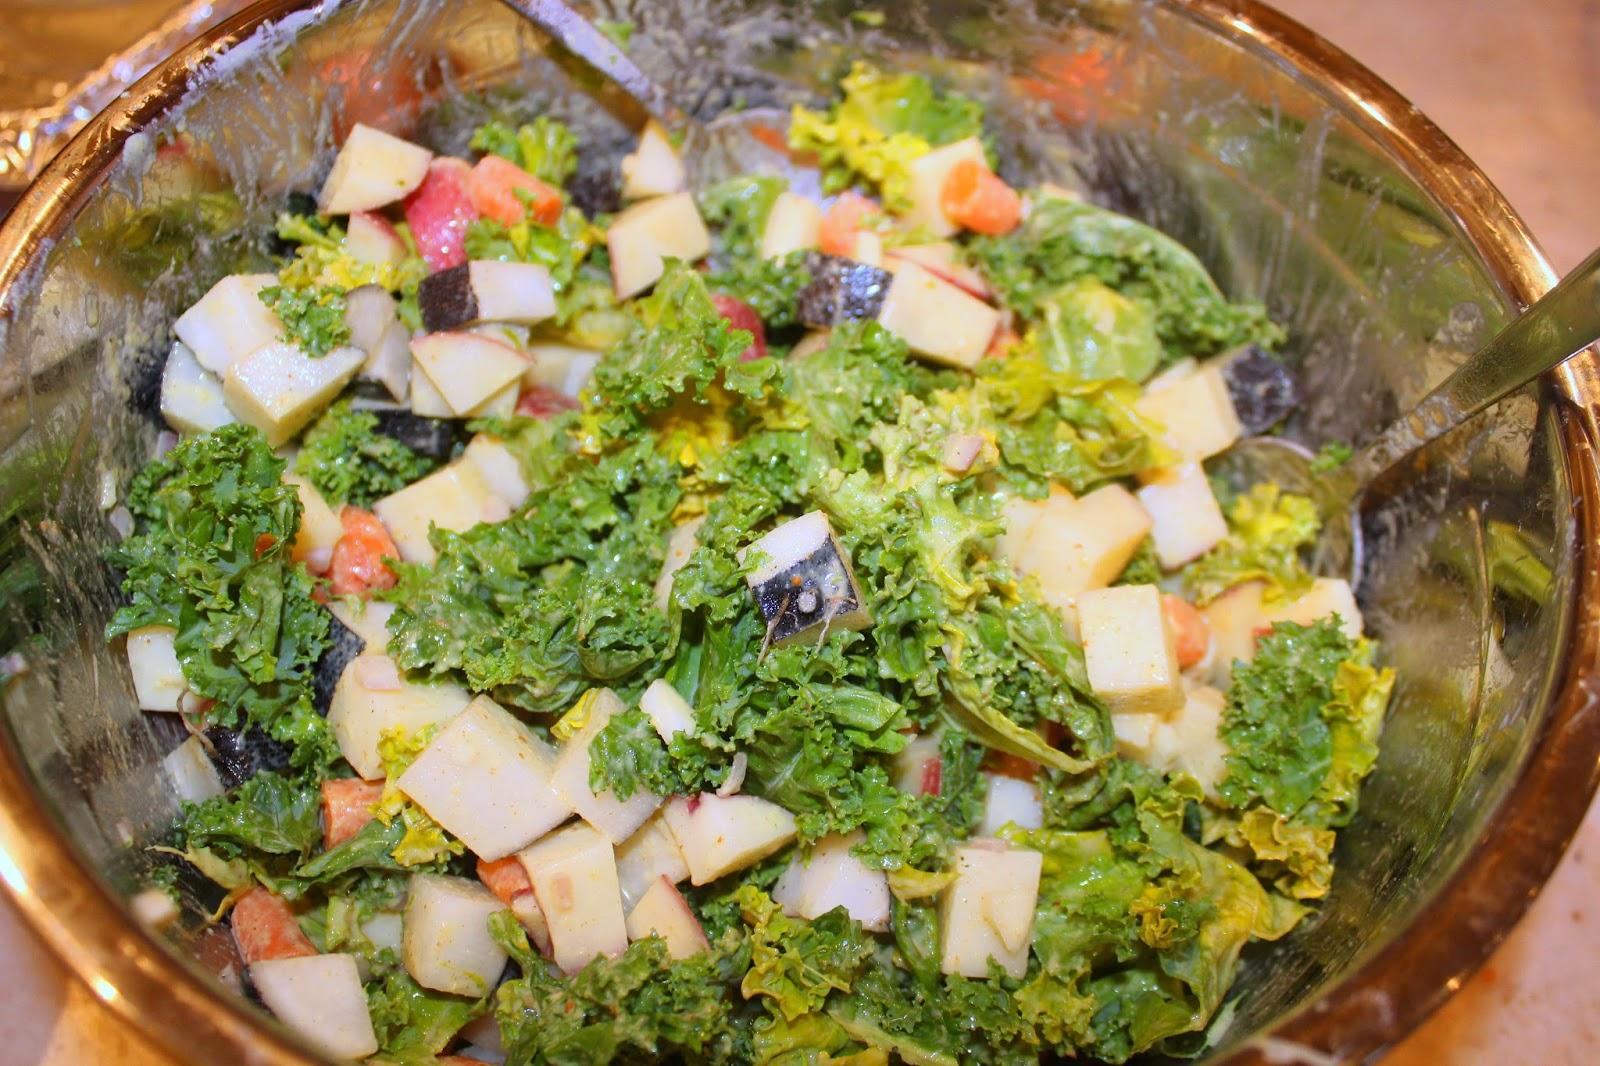 Dijon Roasted Veggies utilizing nero tondo radishes